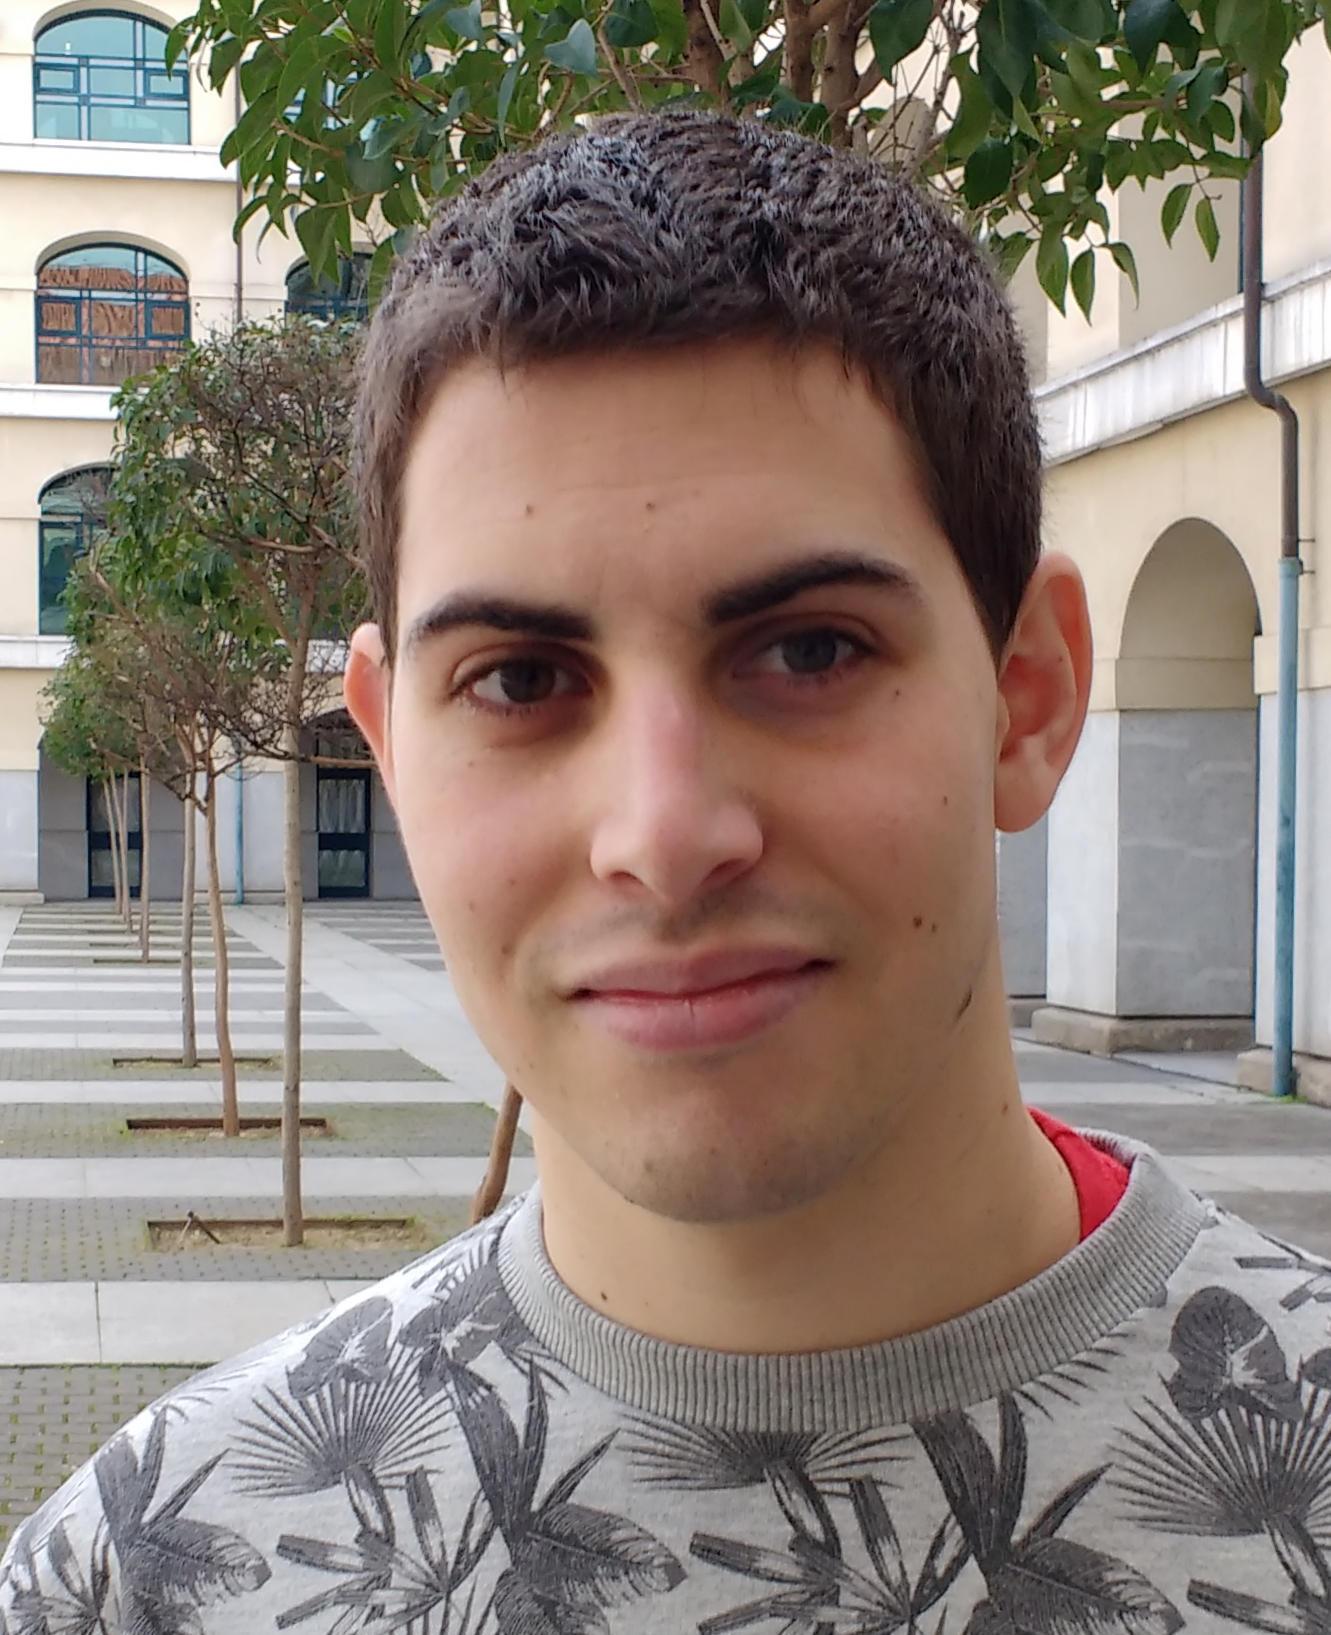 Rubén Majadas Sanz